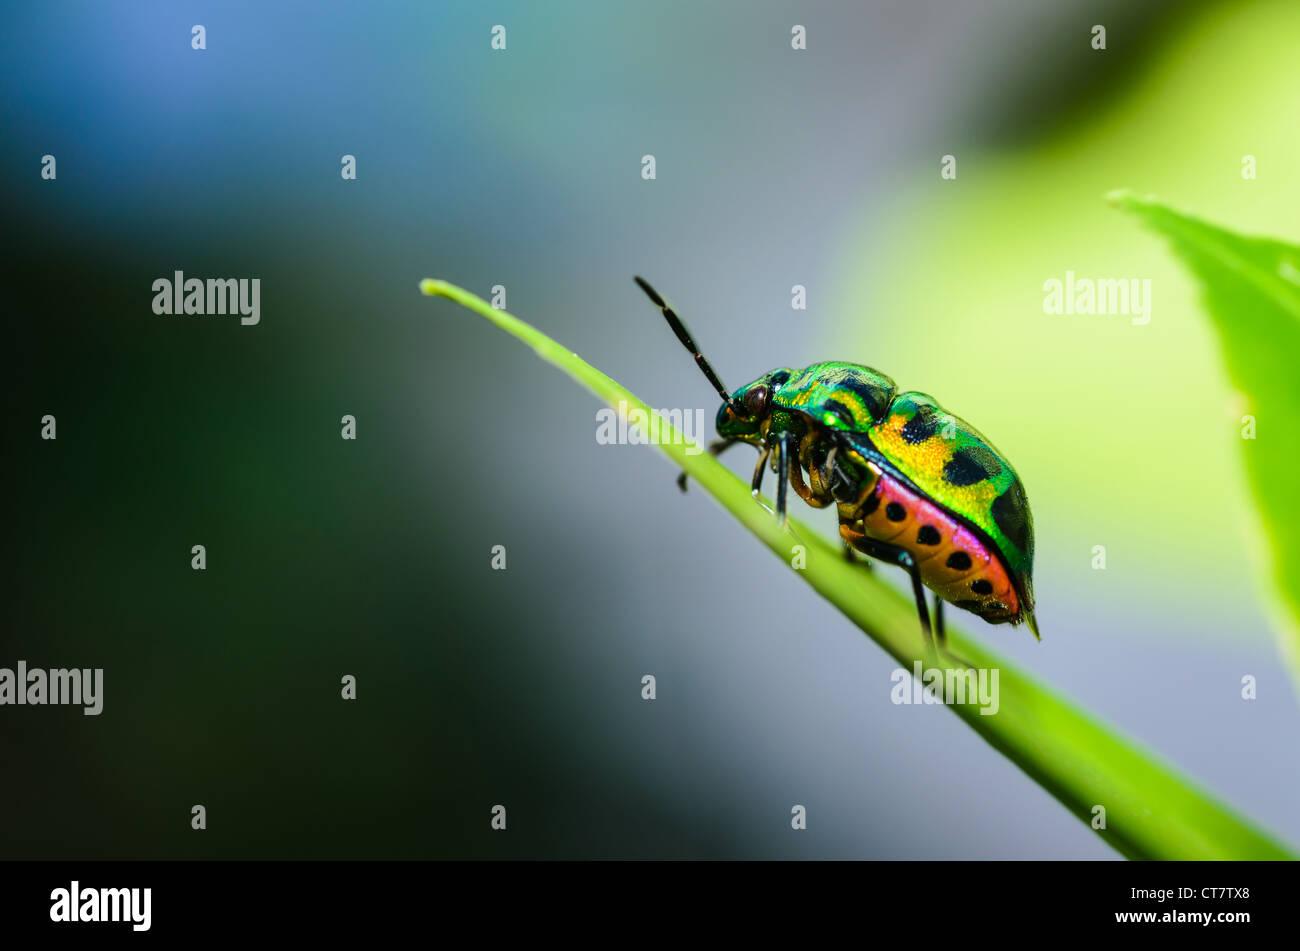 Juwel-Fehler in der grünen Natur Stockbild